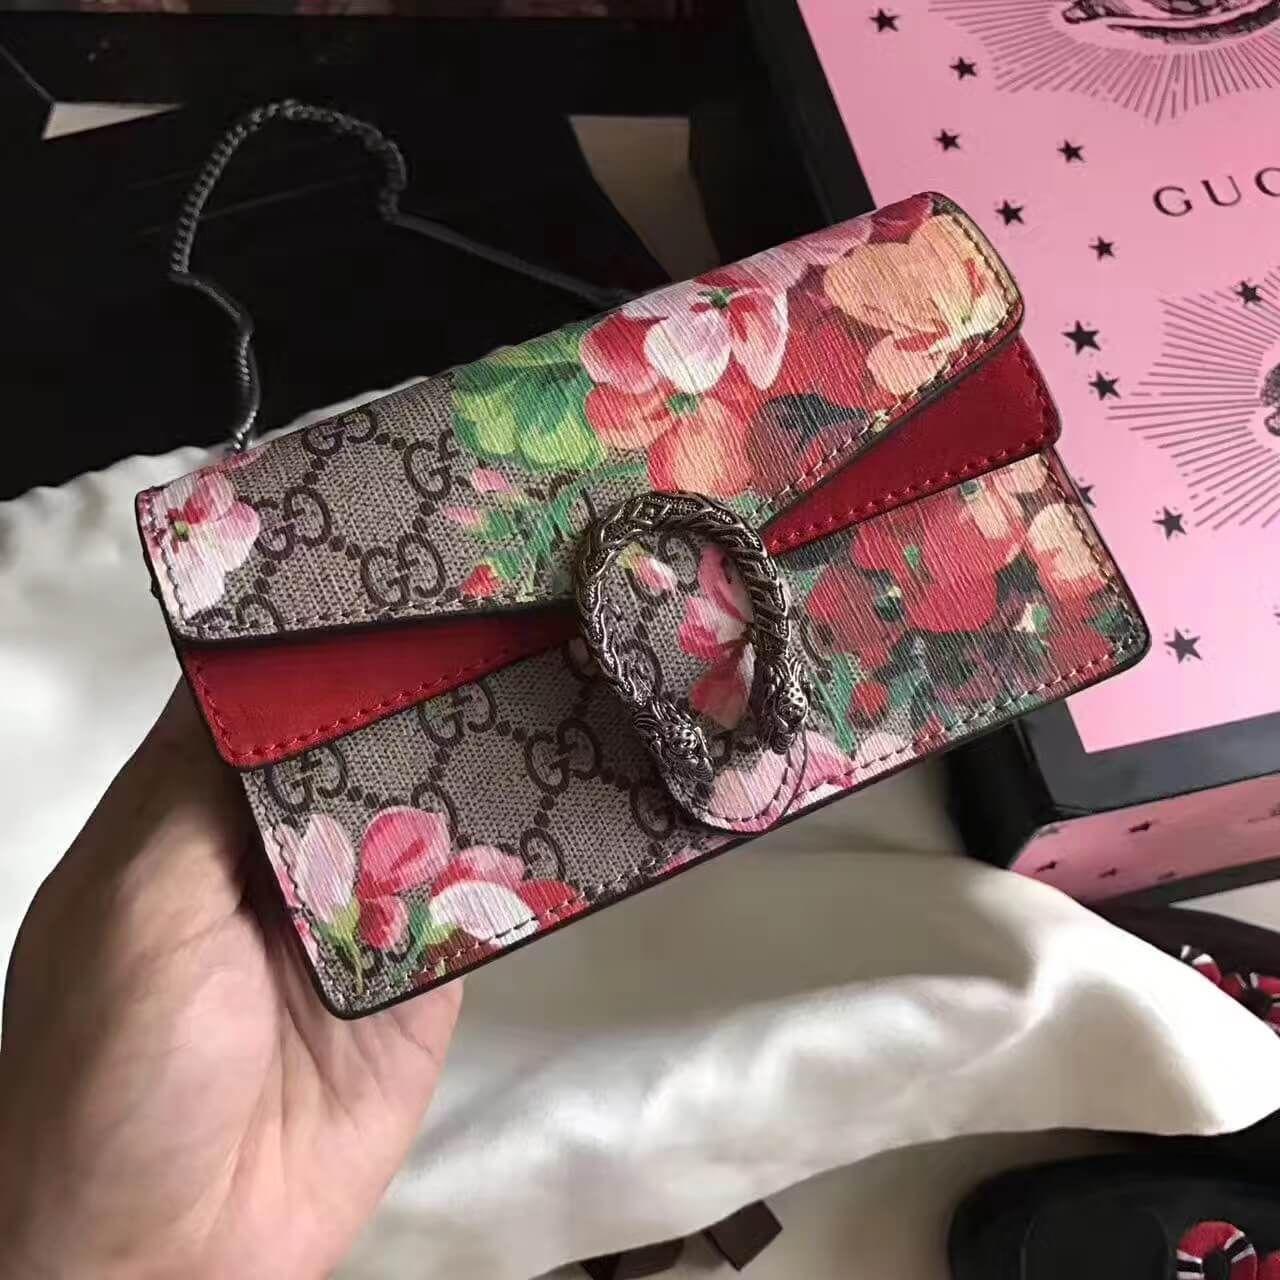 c553f7024ff Gucci Dionysus GG Blooms Super Mini Bag